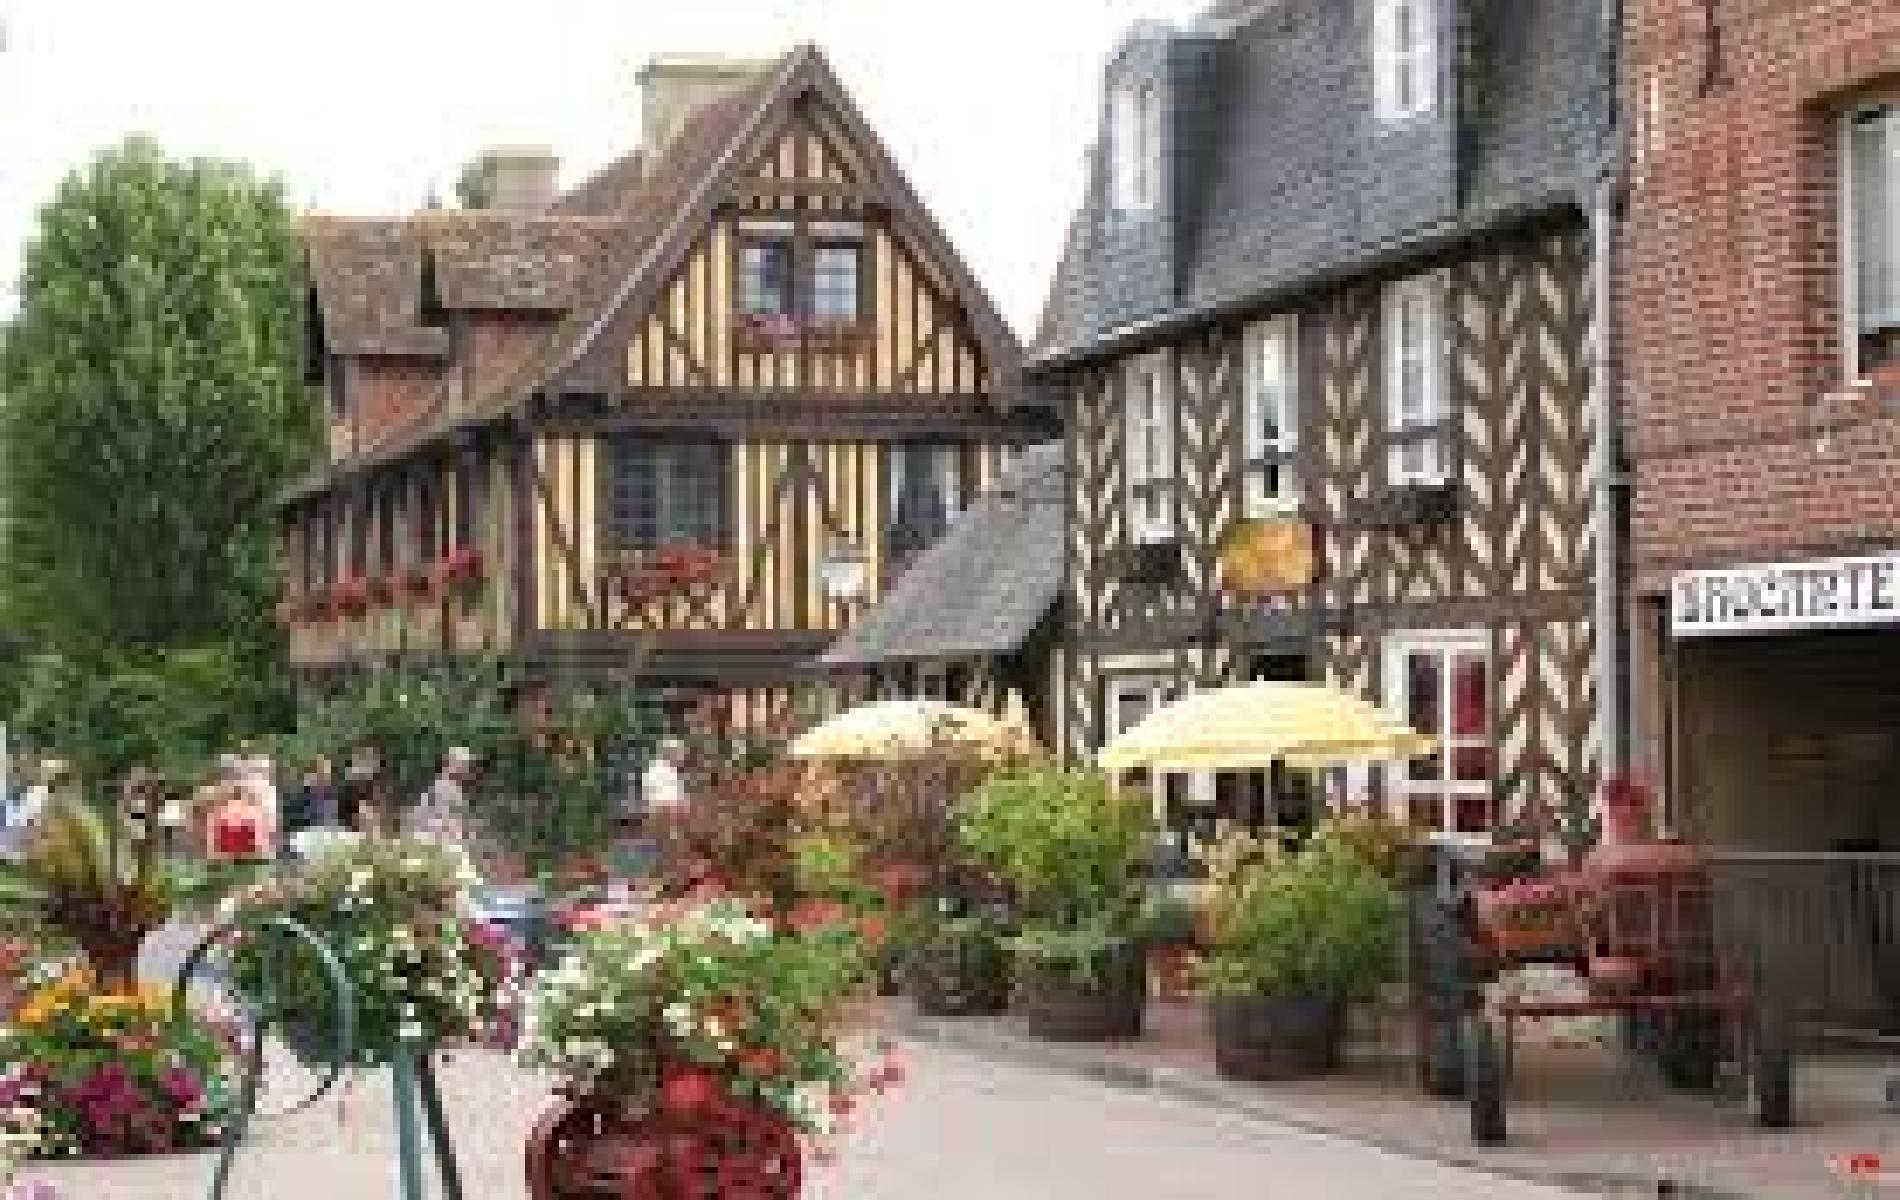 Tourisme cormeilles en normandie proche honfleur - Office de tourisme ploumanach ...